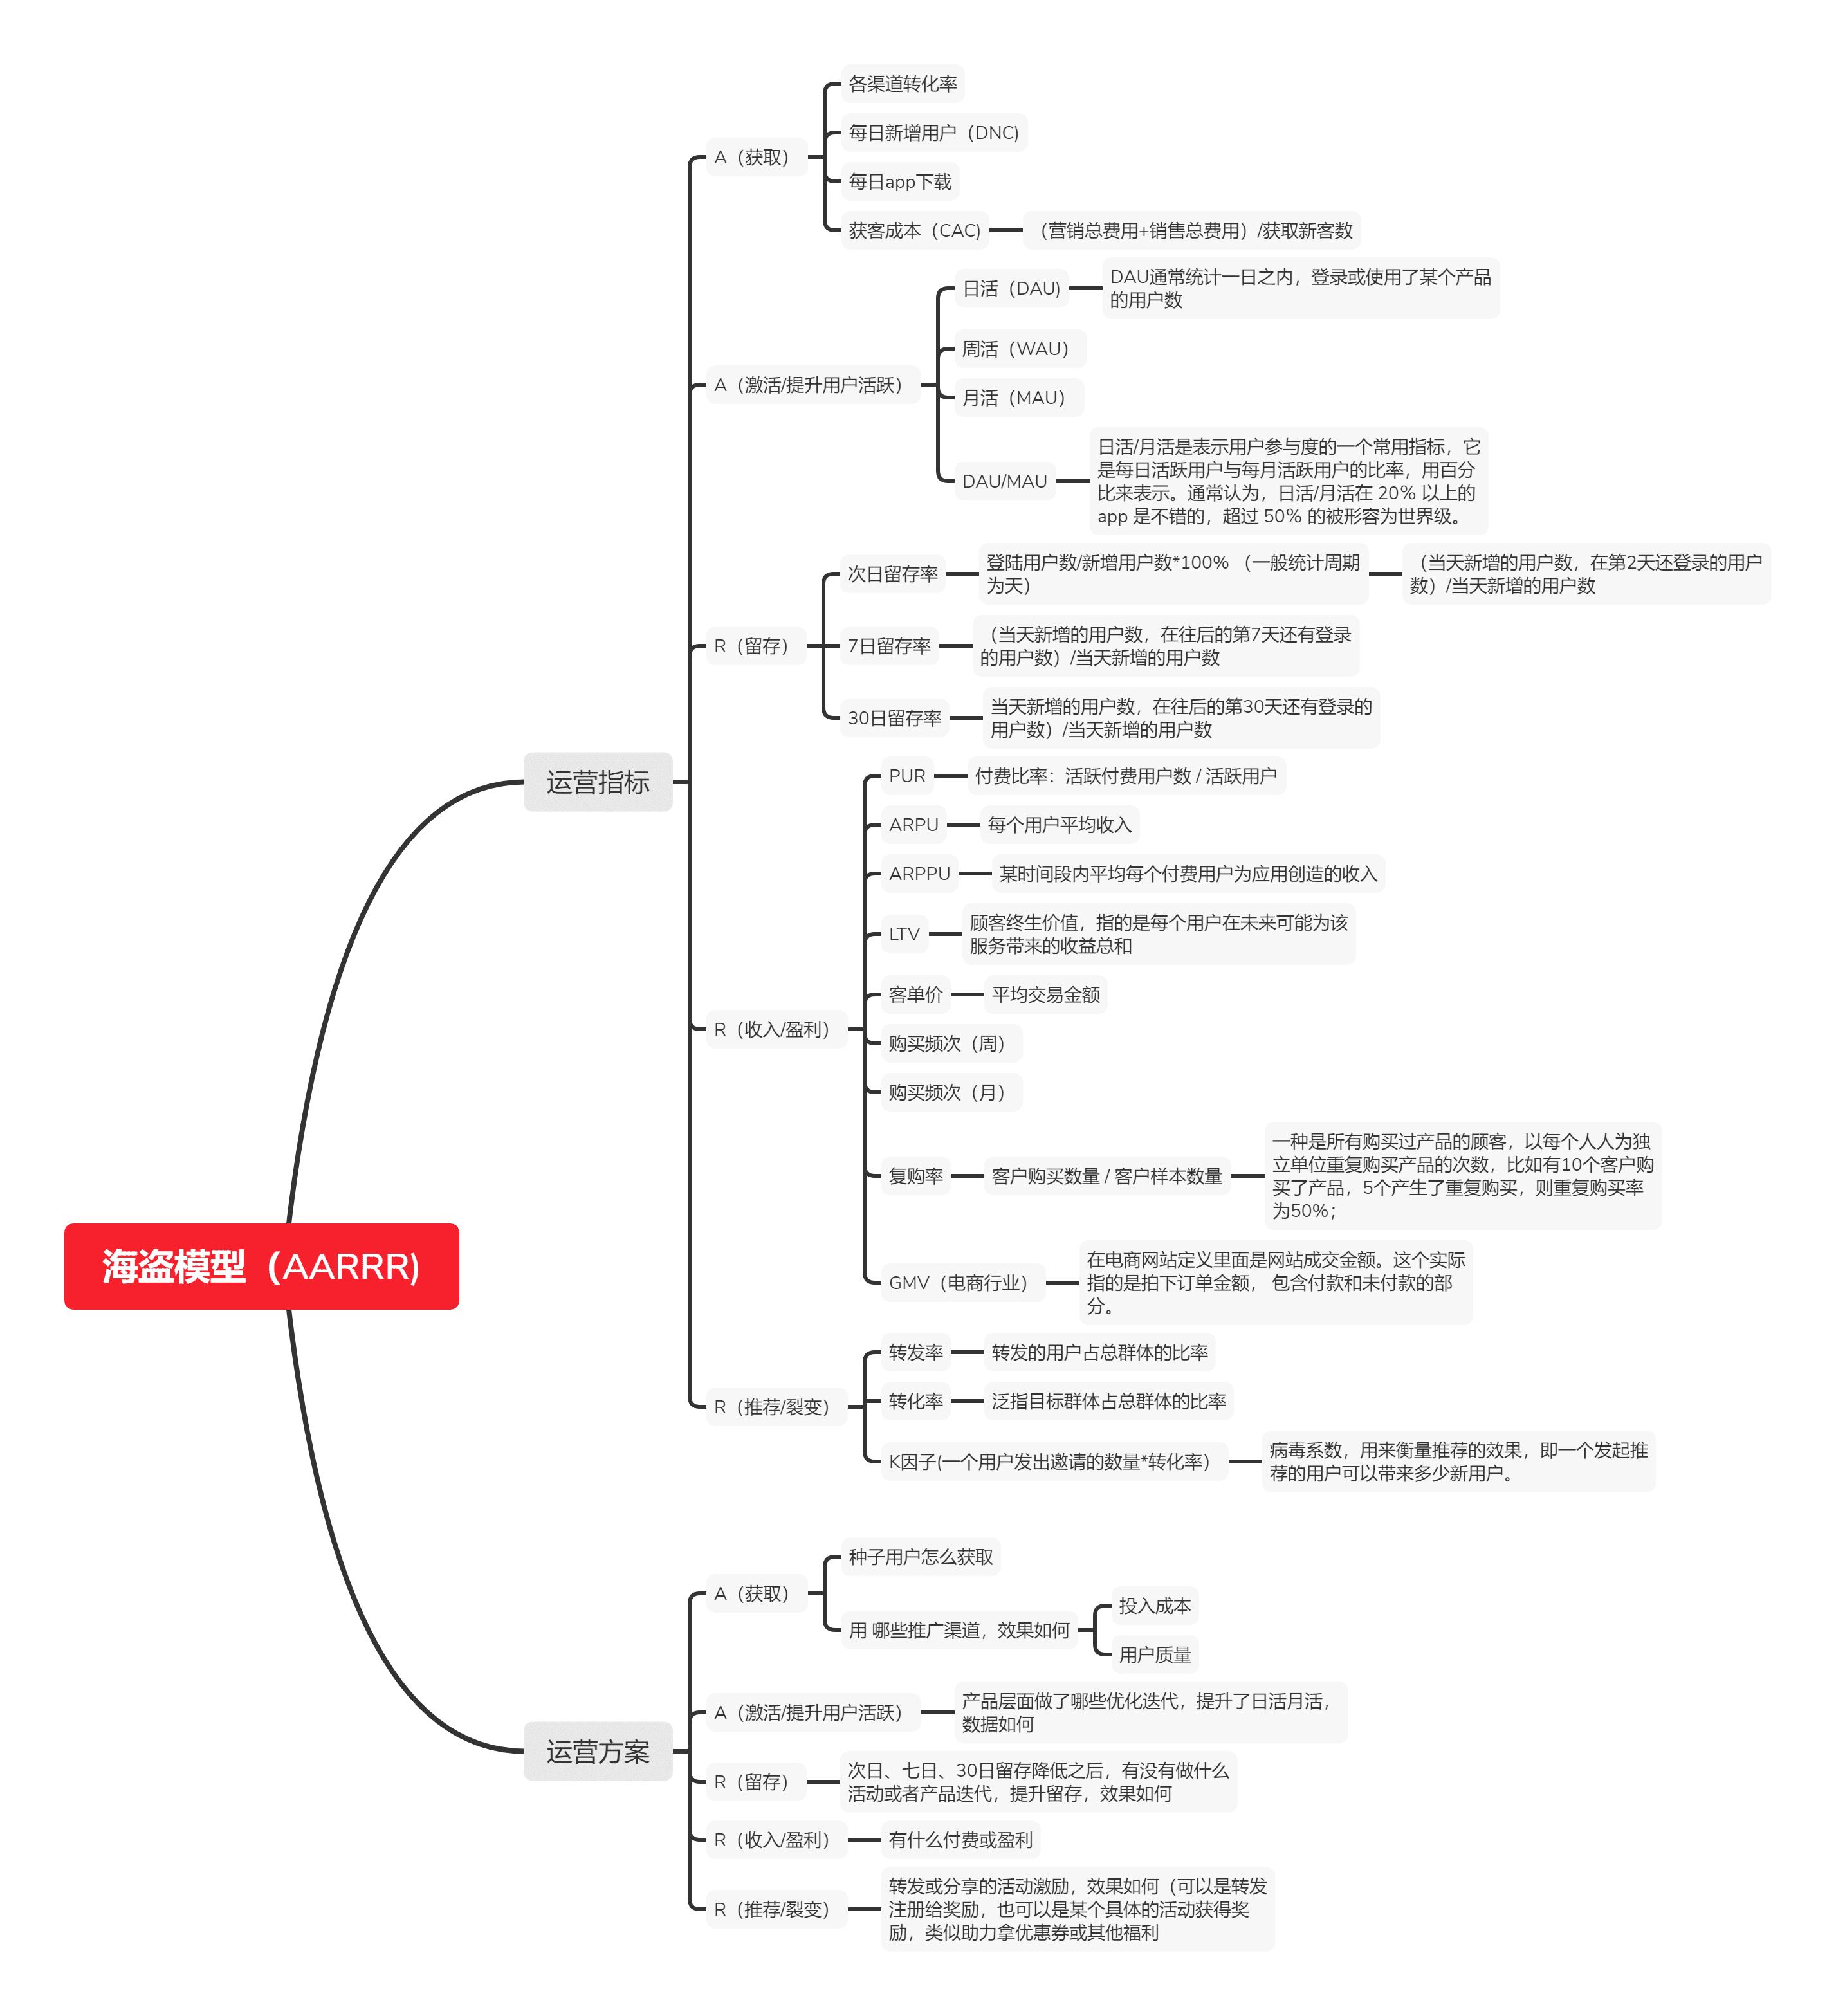 基于AARRR模型分析产品运营